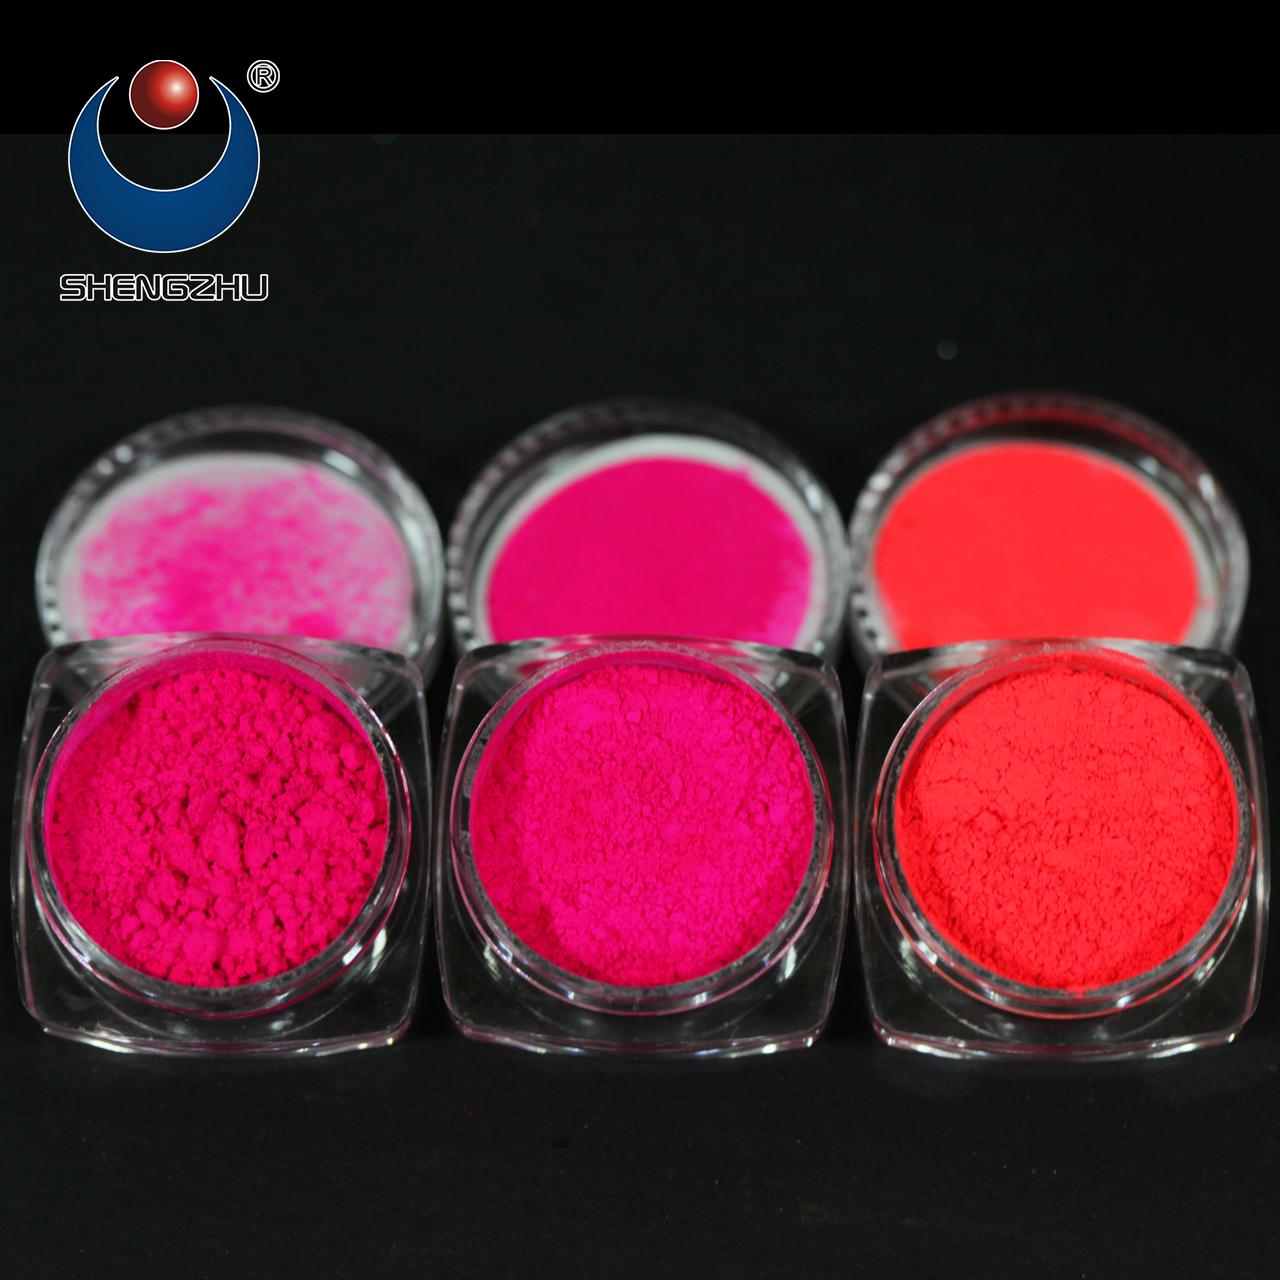 Kosmetische Leuchtstoff Pulver Neon Pigmente Unter Uv licht Für ...